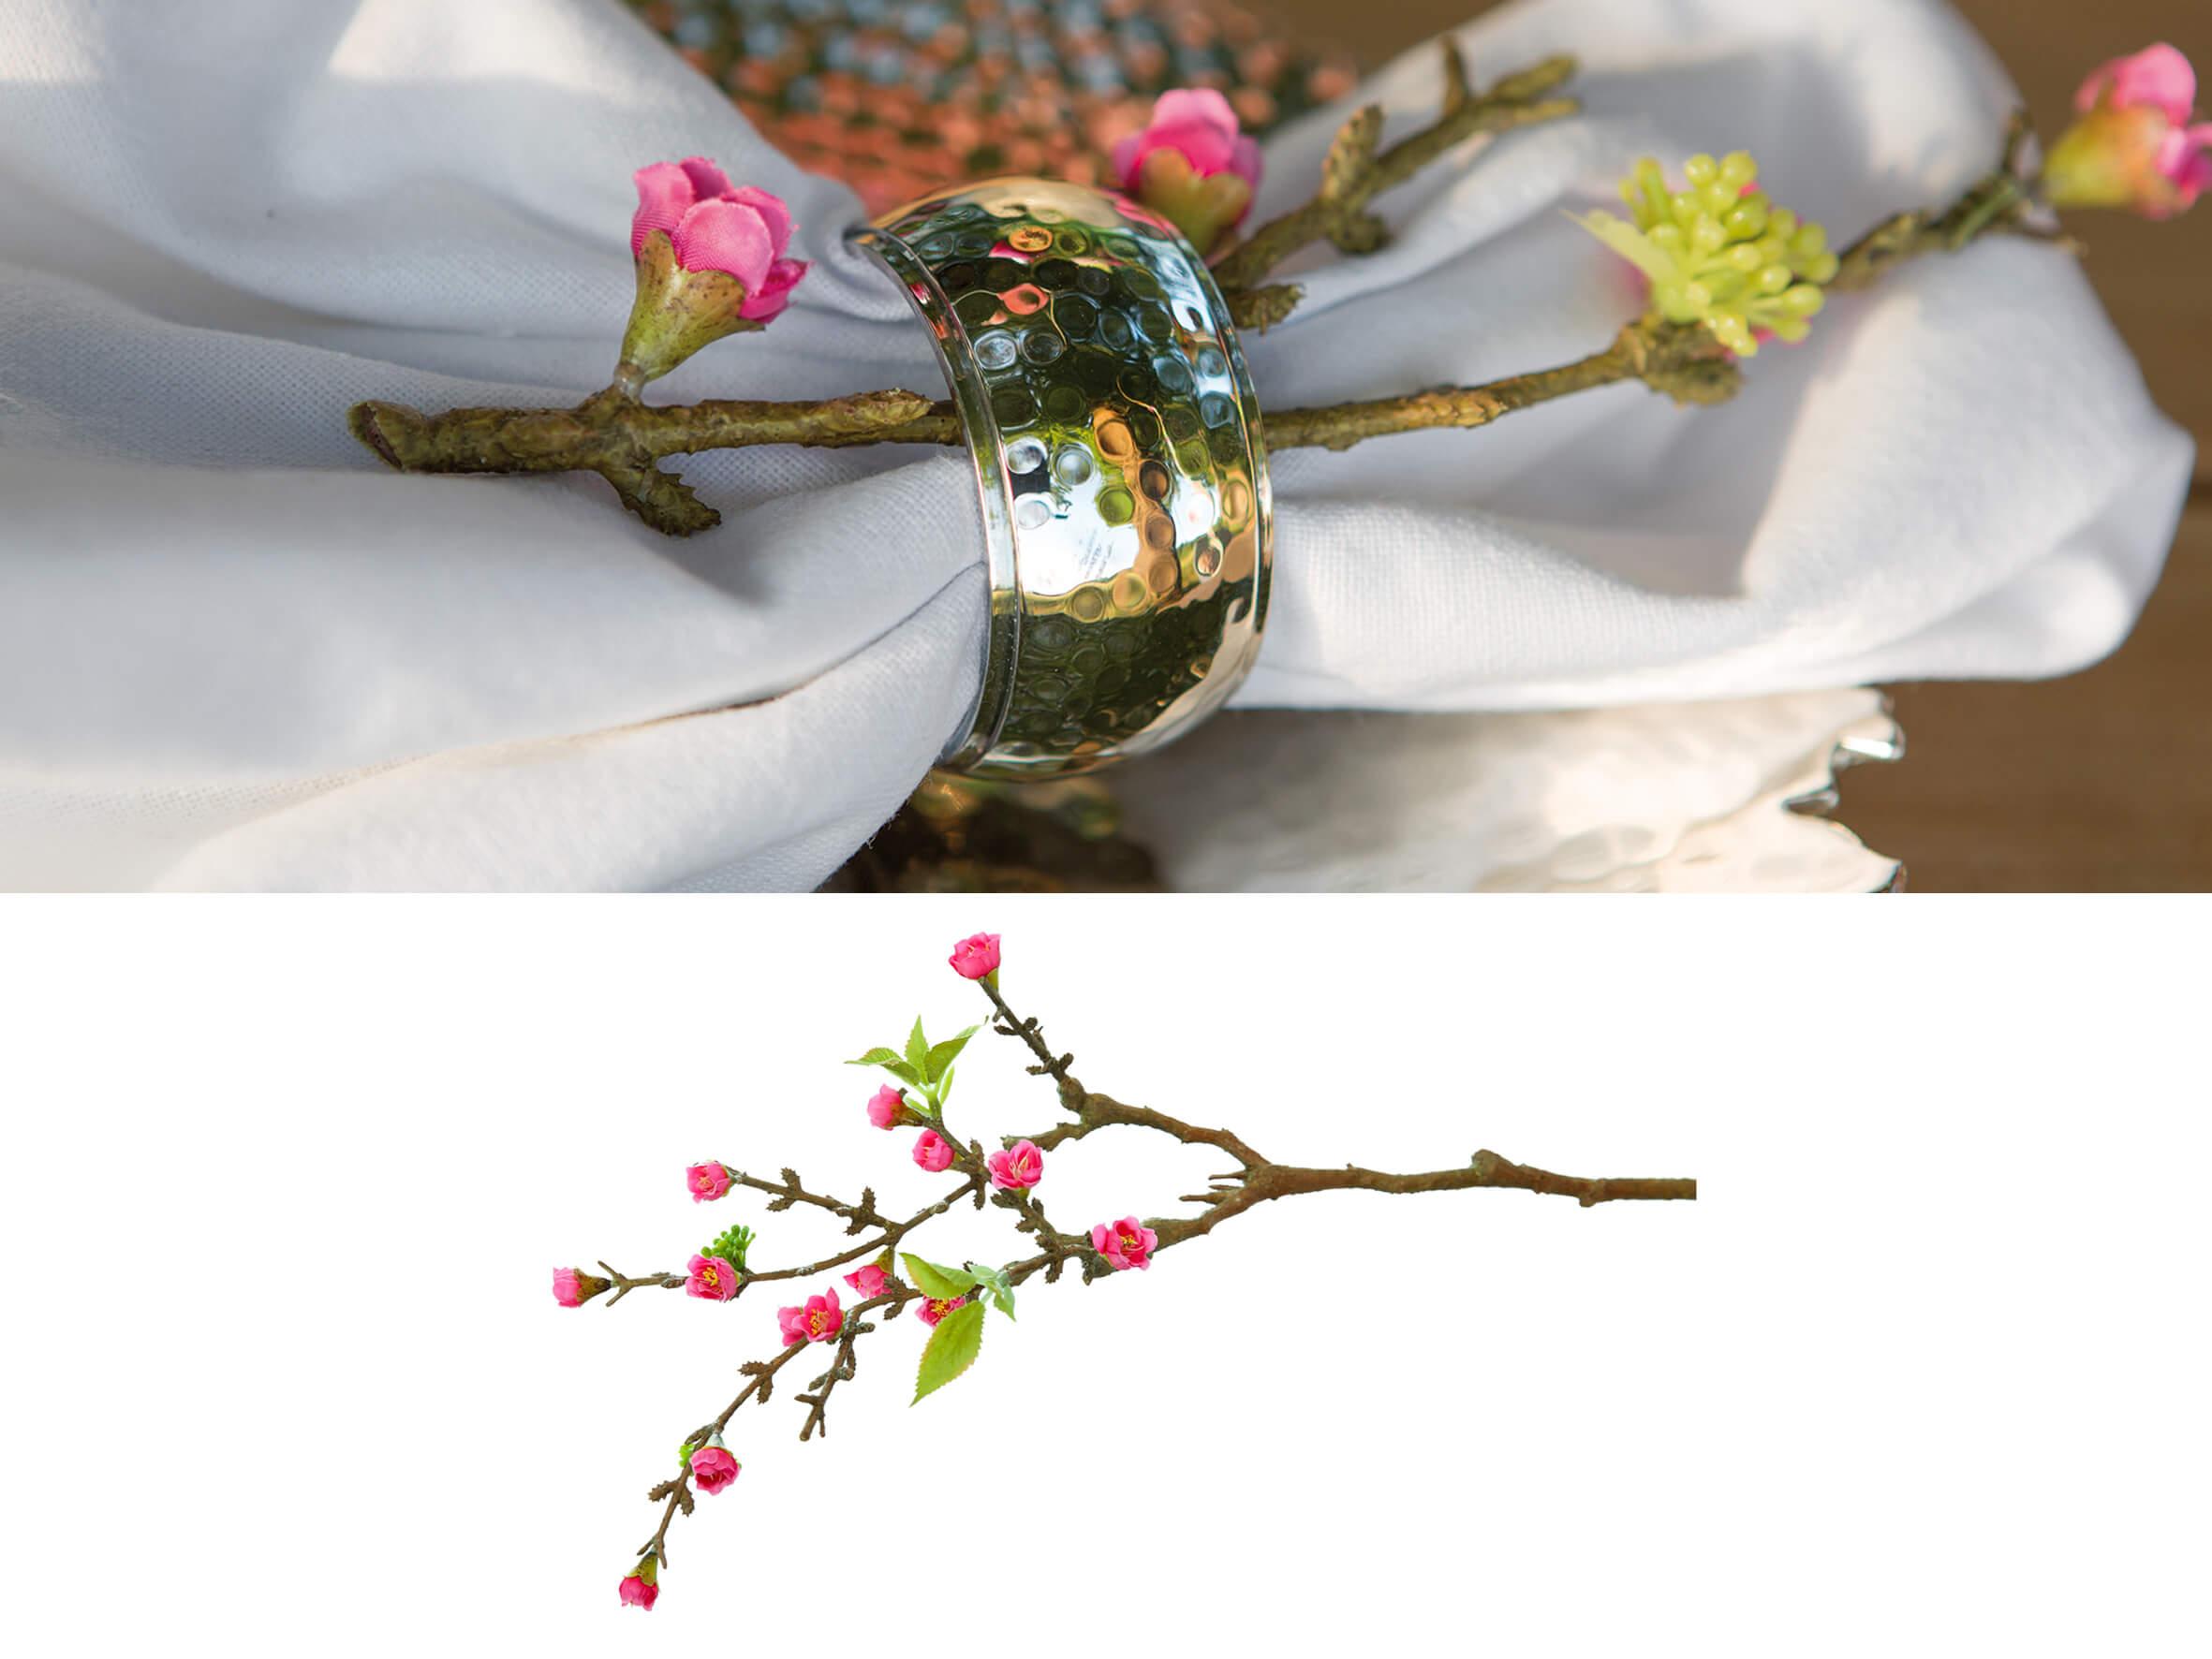 Dekoratives Platzgedeck aus Stoffserviette, Serviettenring und Blütenzweig.